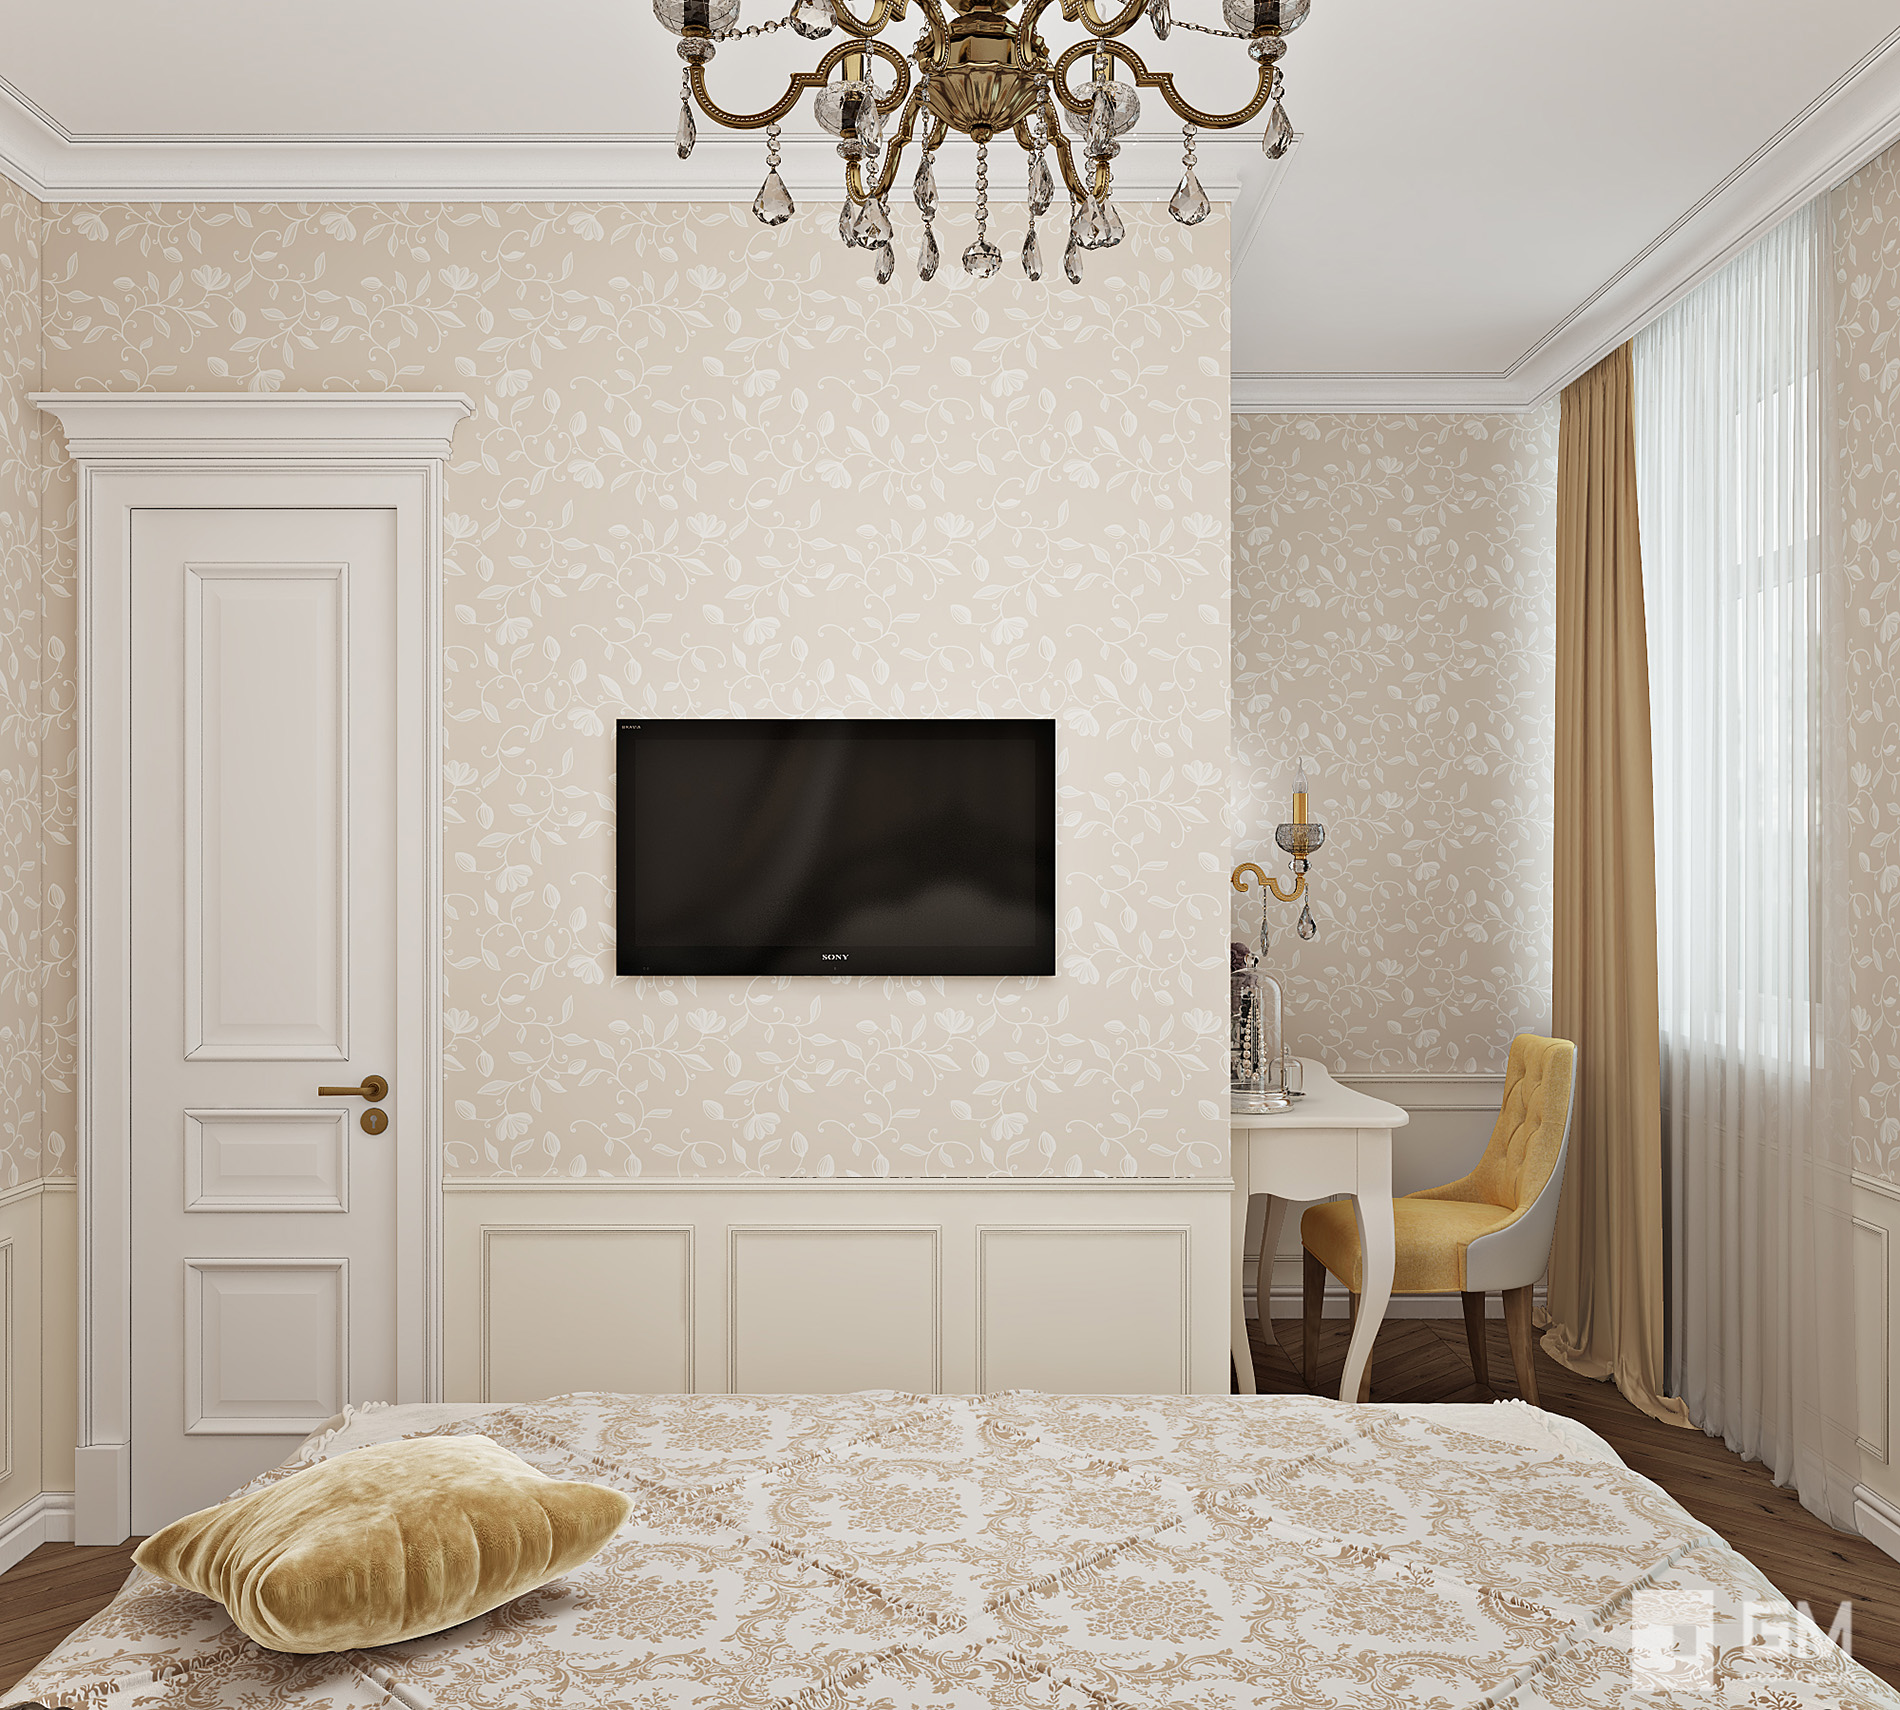 Дизайн интерьера таунхауса в классическом стиле в КП Кембридж от студии дизайна GM-Interior